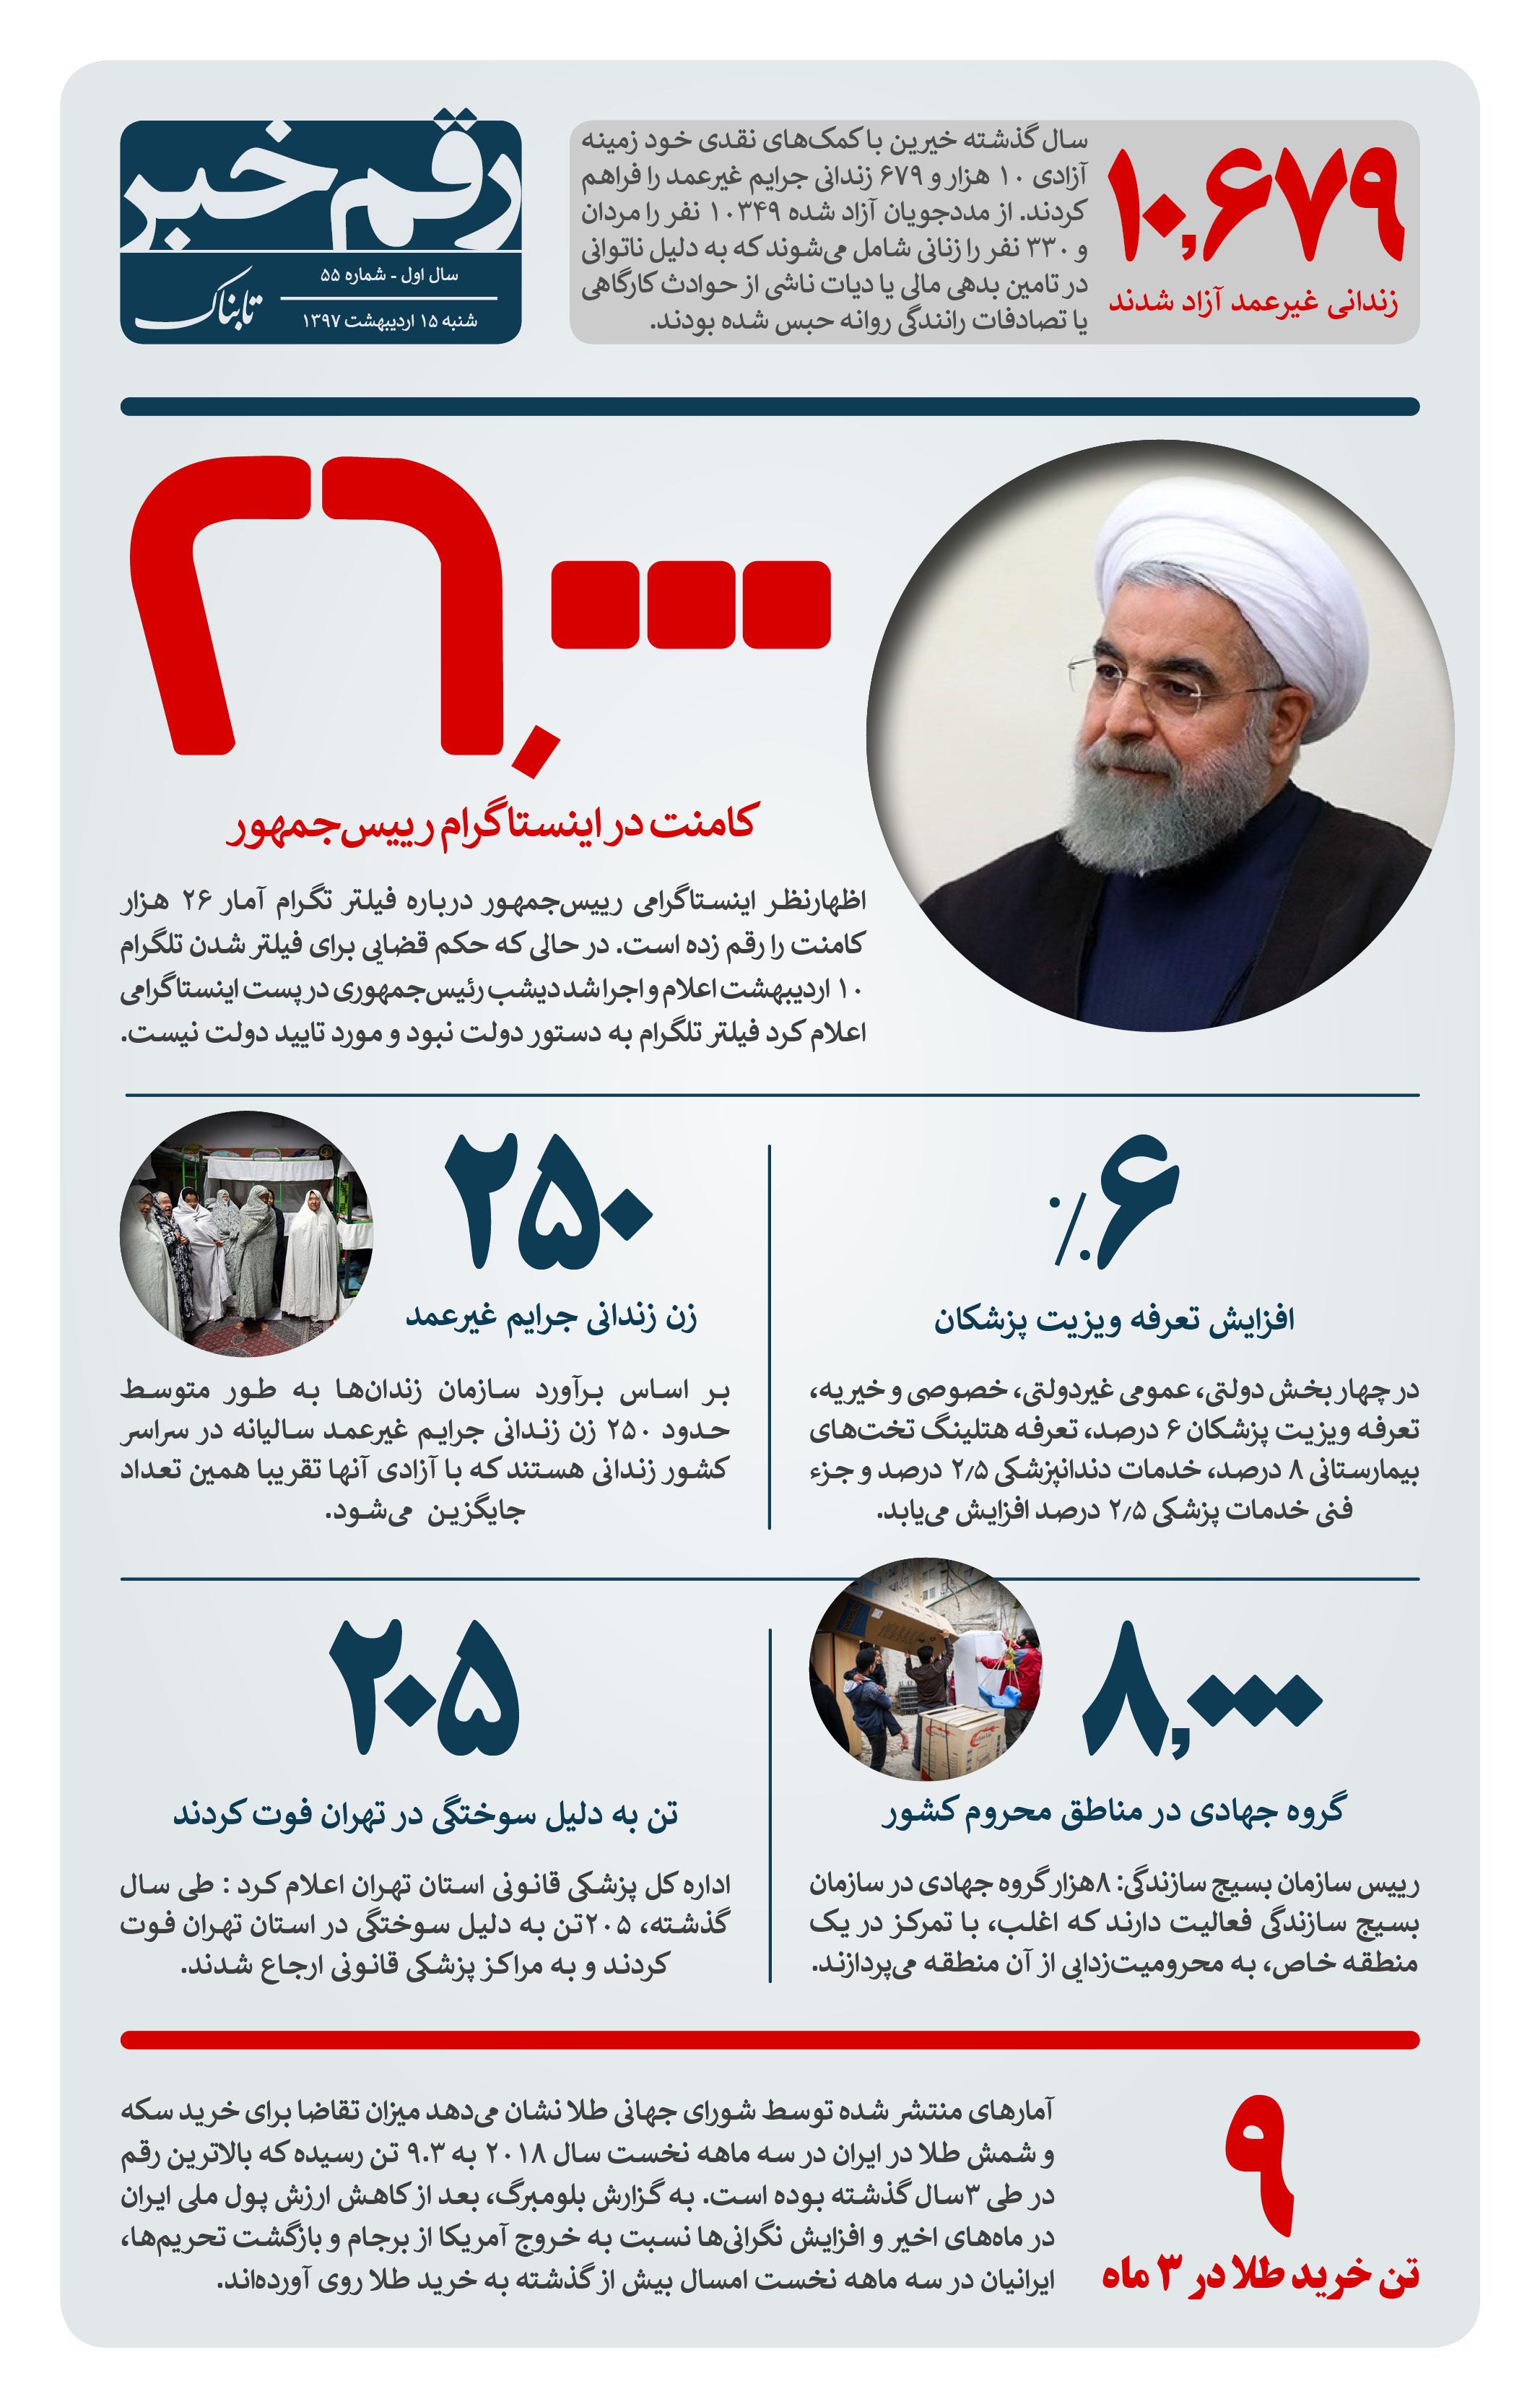 رقم خبر: ۲۶۰۰۰ کامنت برای مطلب روحانی